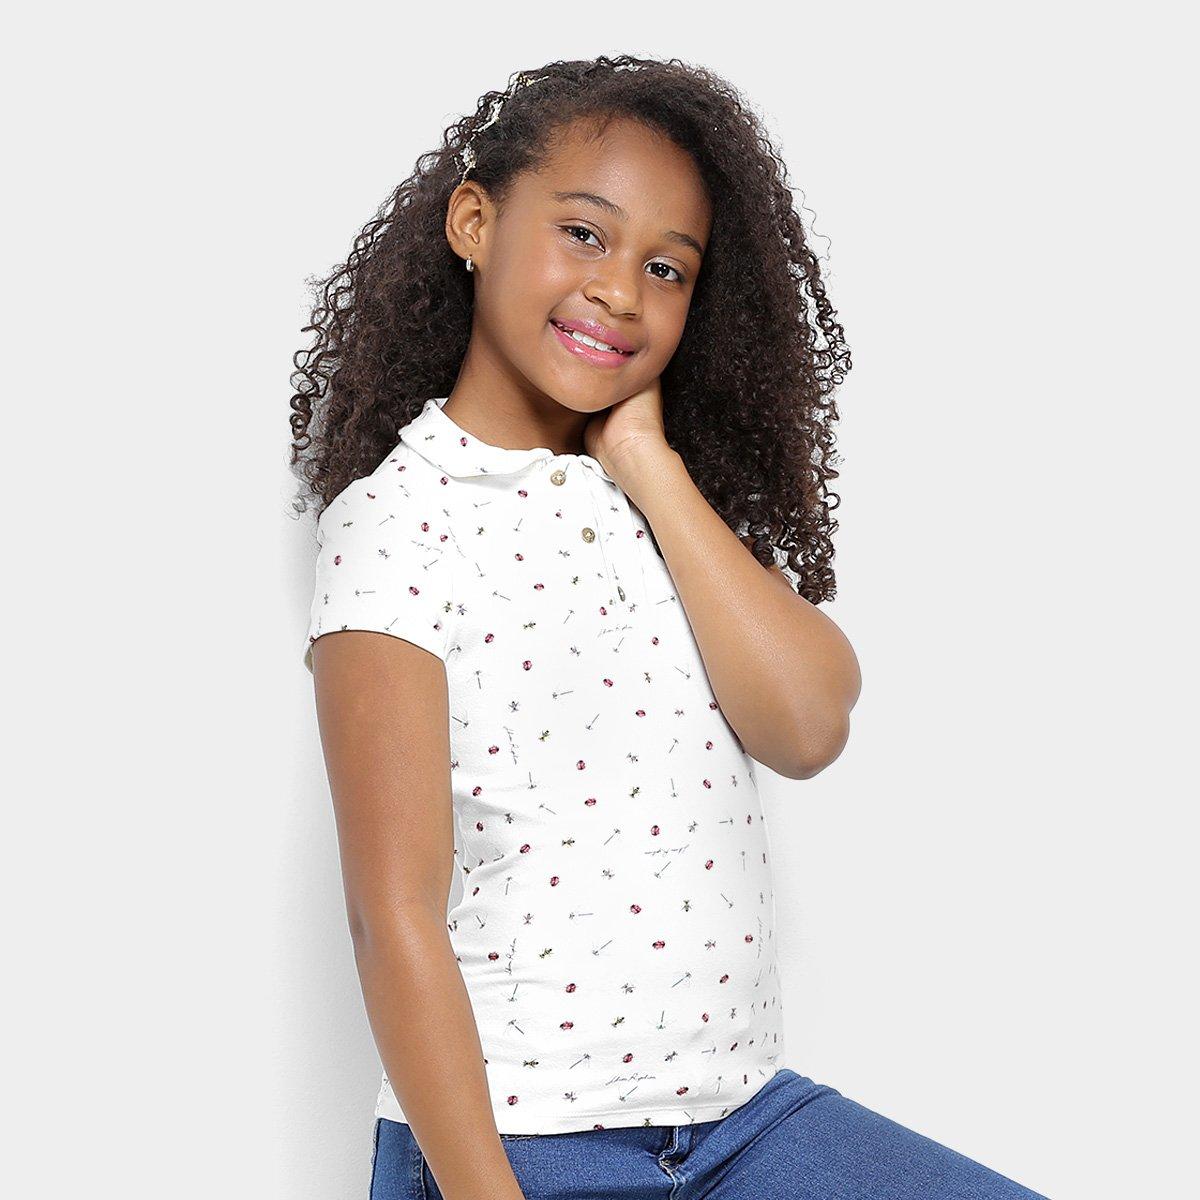 Polo Camisa Camisa Ripilica Joaninhas Polo Lilica Feminina Infantil Branco E6Ex5qwaRr